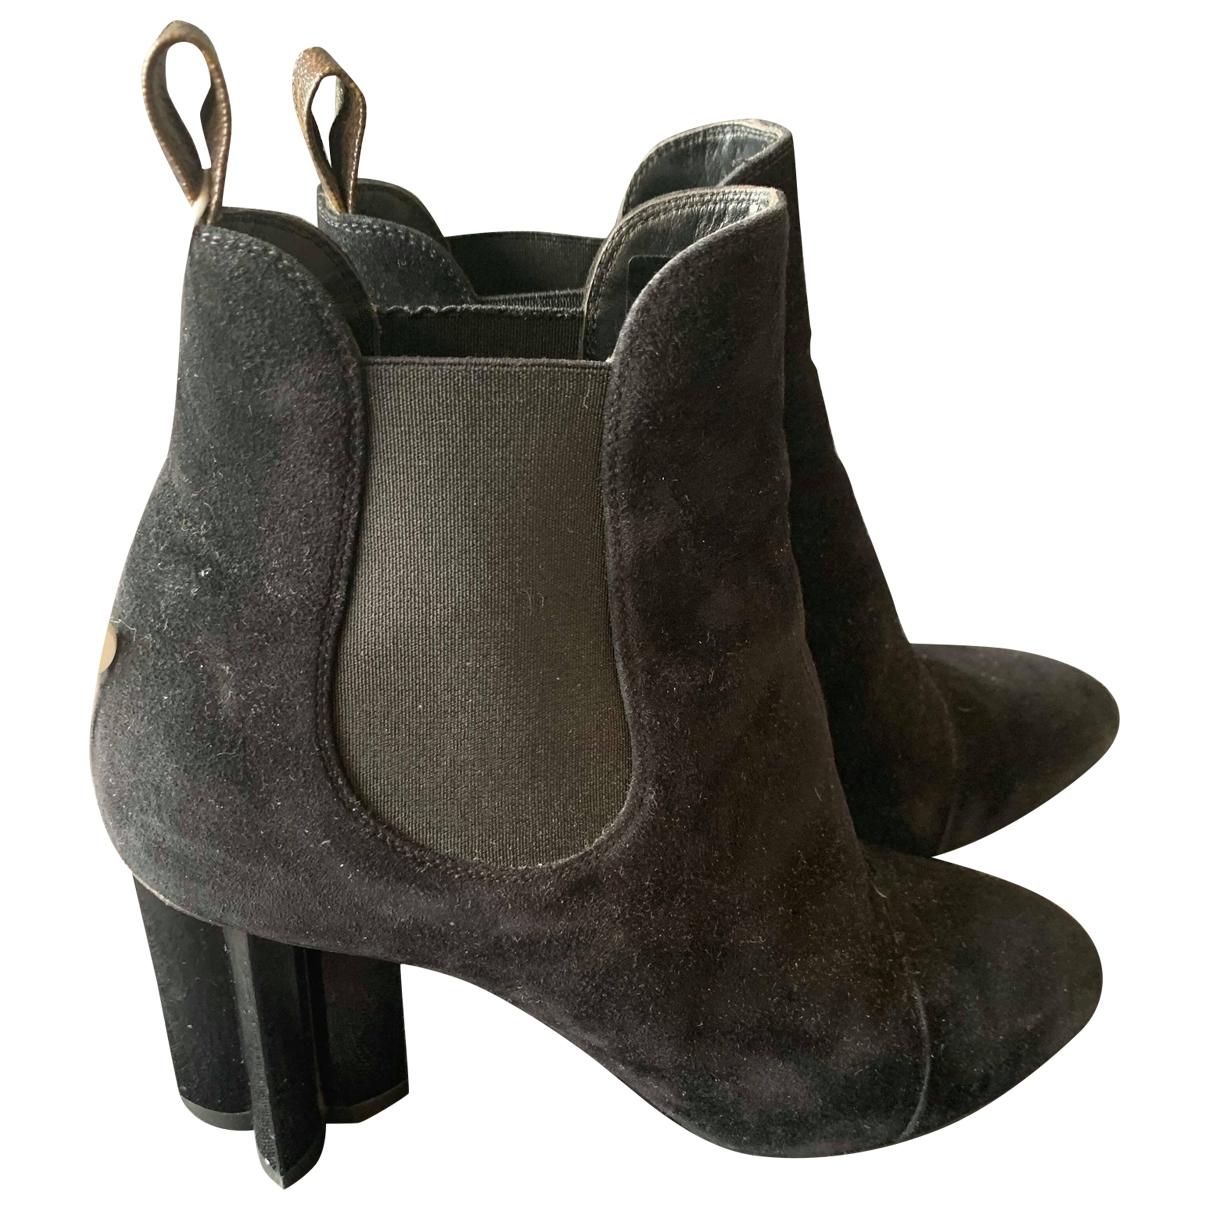 Louis Vuitton - Boots Silhouette pour femme en suede - noir